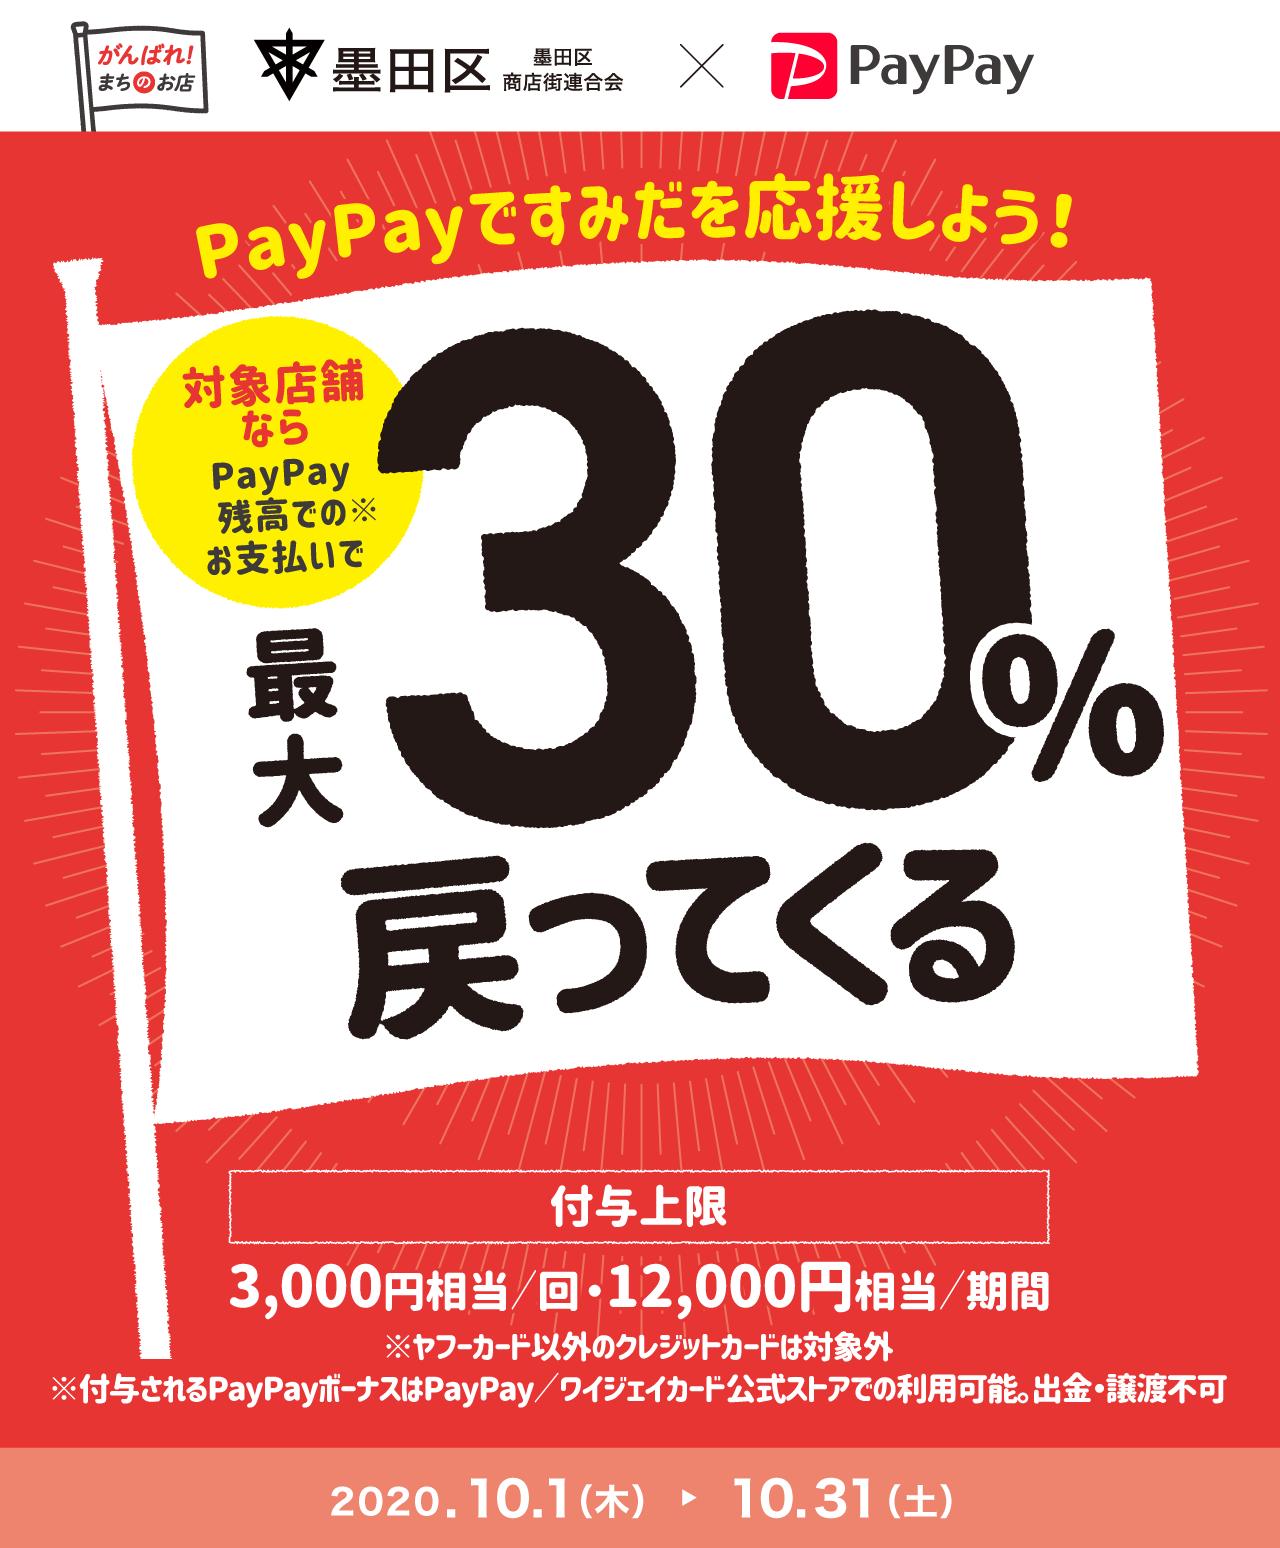 PayPayですみだを応援しよう! 対象店舗ならPayPay残高でのお支払いで最大30%戻ってくる